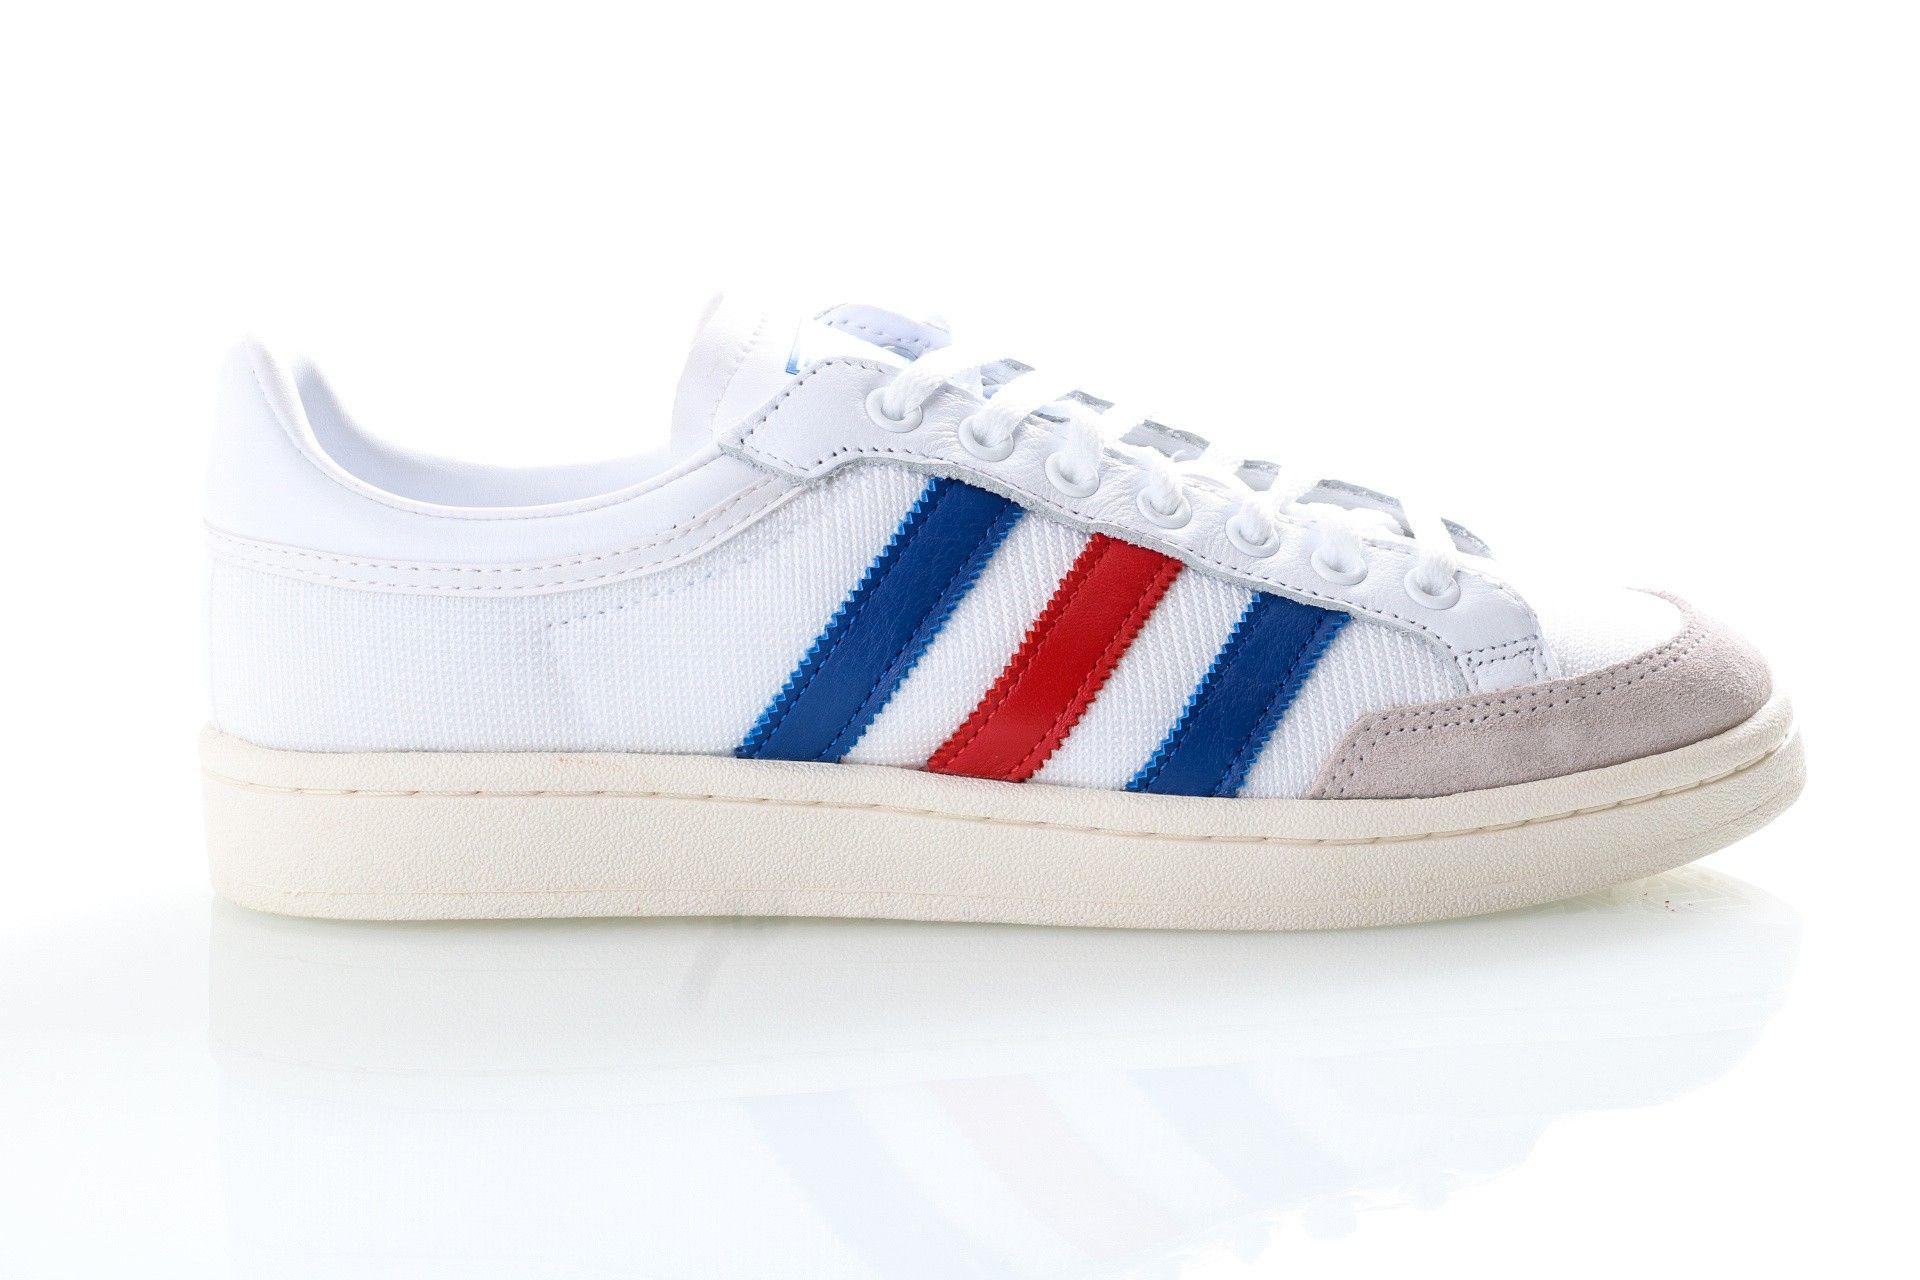 Afbeelding van Adidas Sneakers Americana Low Ftwr White/Collegiate Royal/Scarlet EF2508